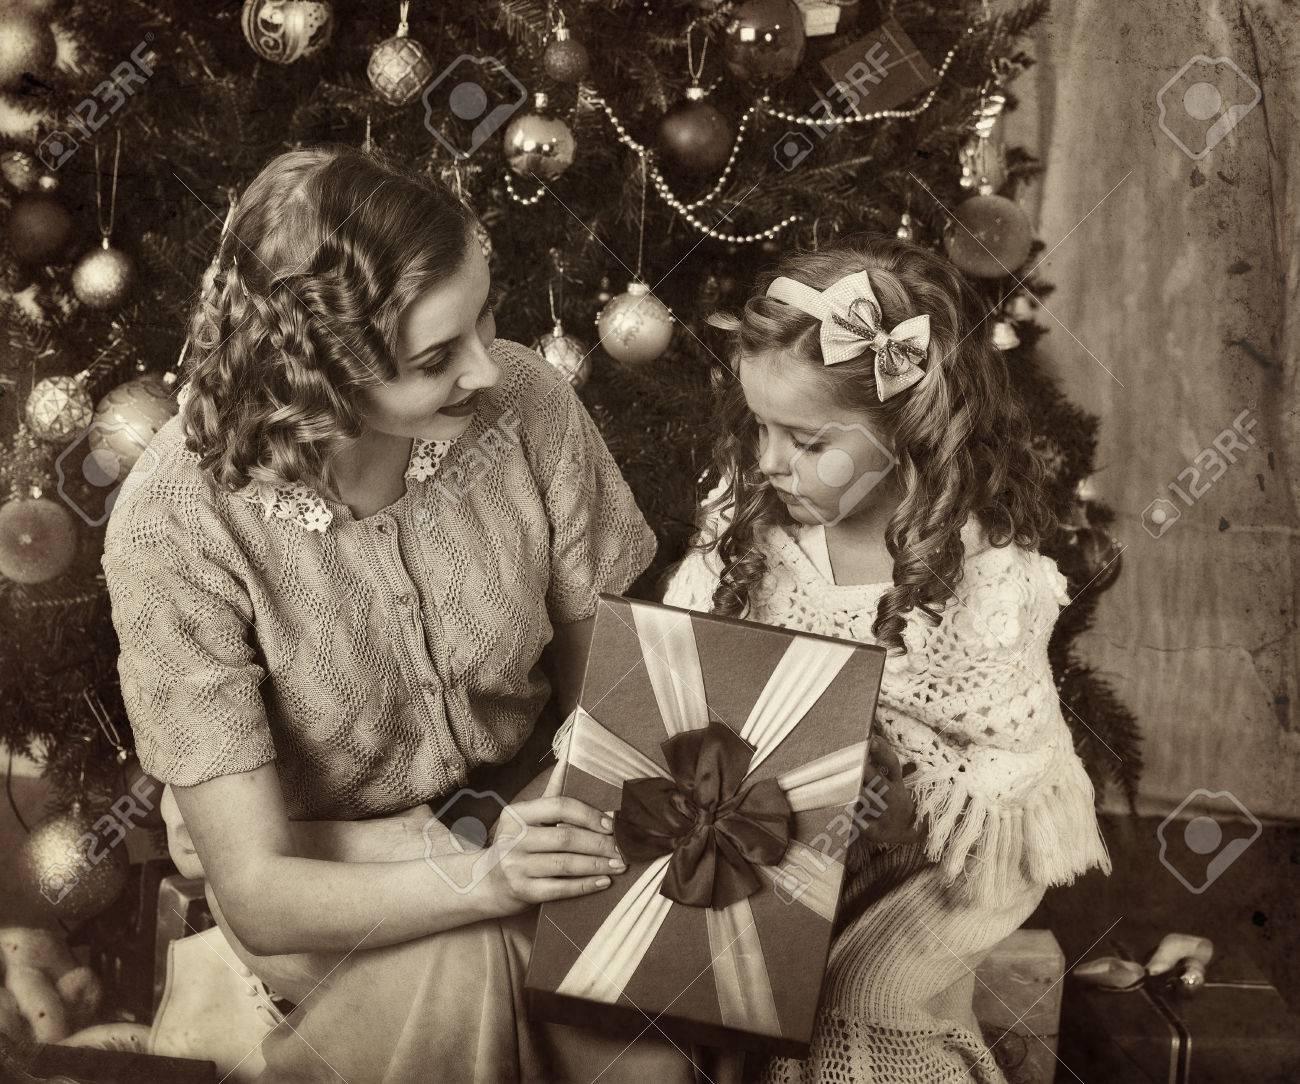 Immagini Natale In Bianco E Nero.Bambino Con La Madre Riceve Vicino Albero Di Natale In Bianco E Nero Retro